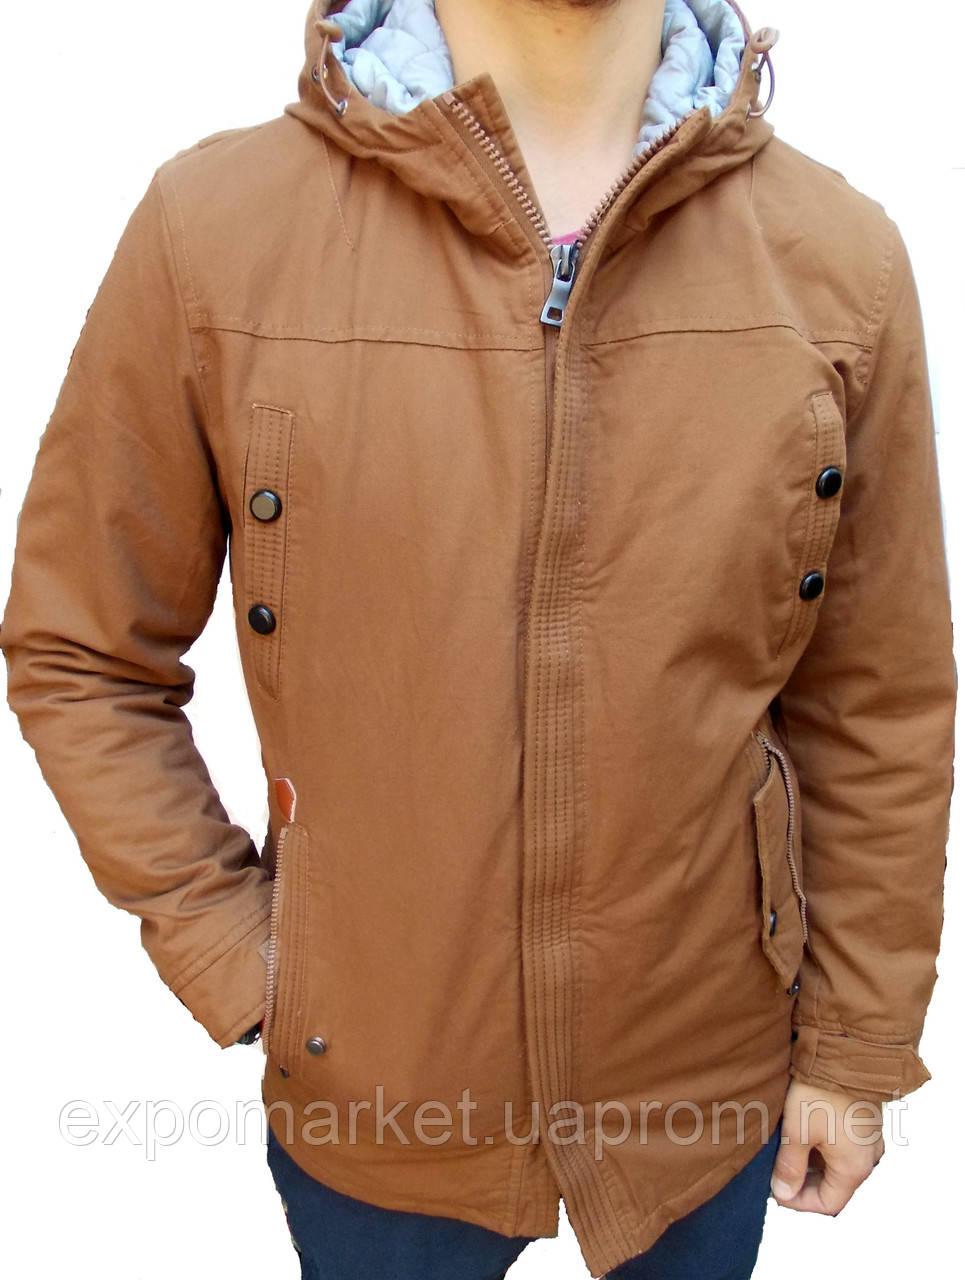 Мужская зимняя куртка парка, размер S-М 46-48